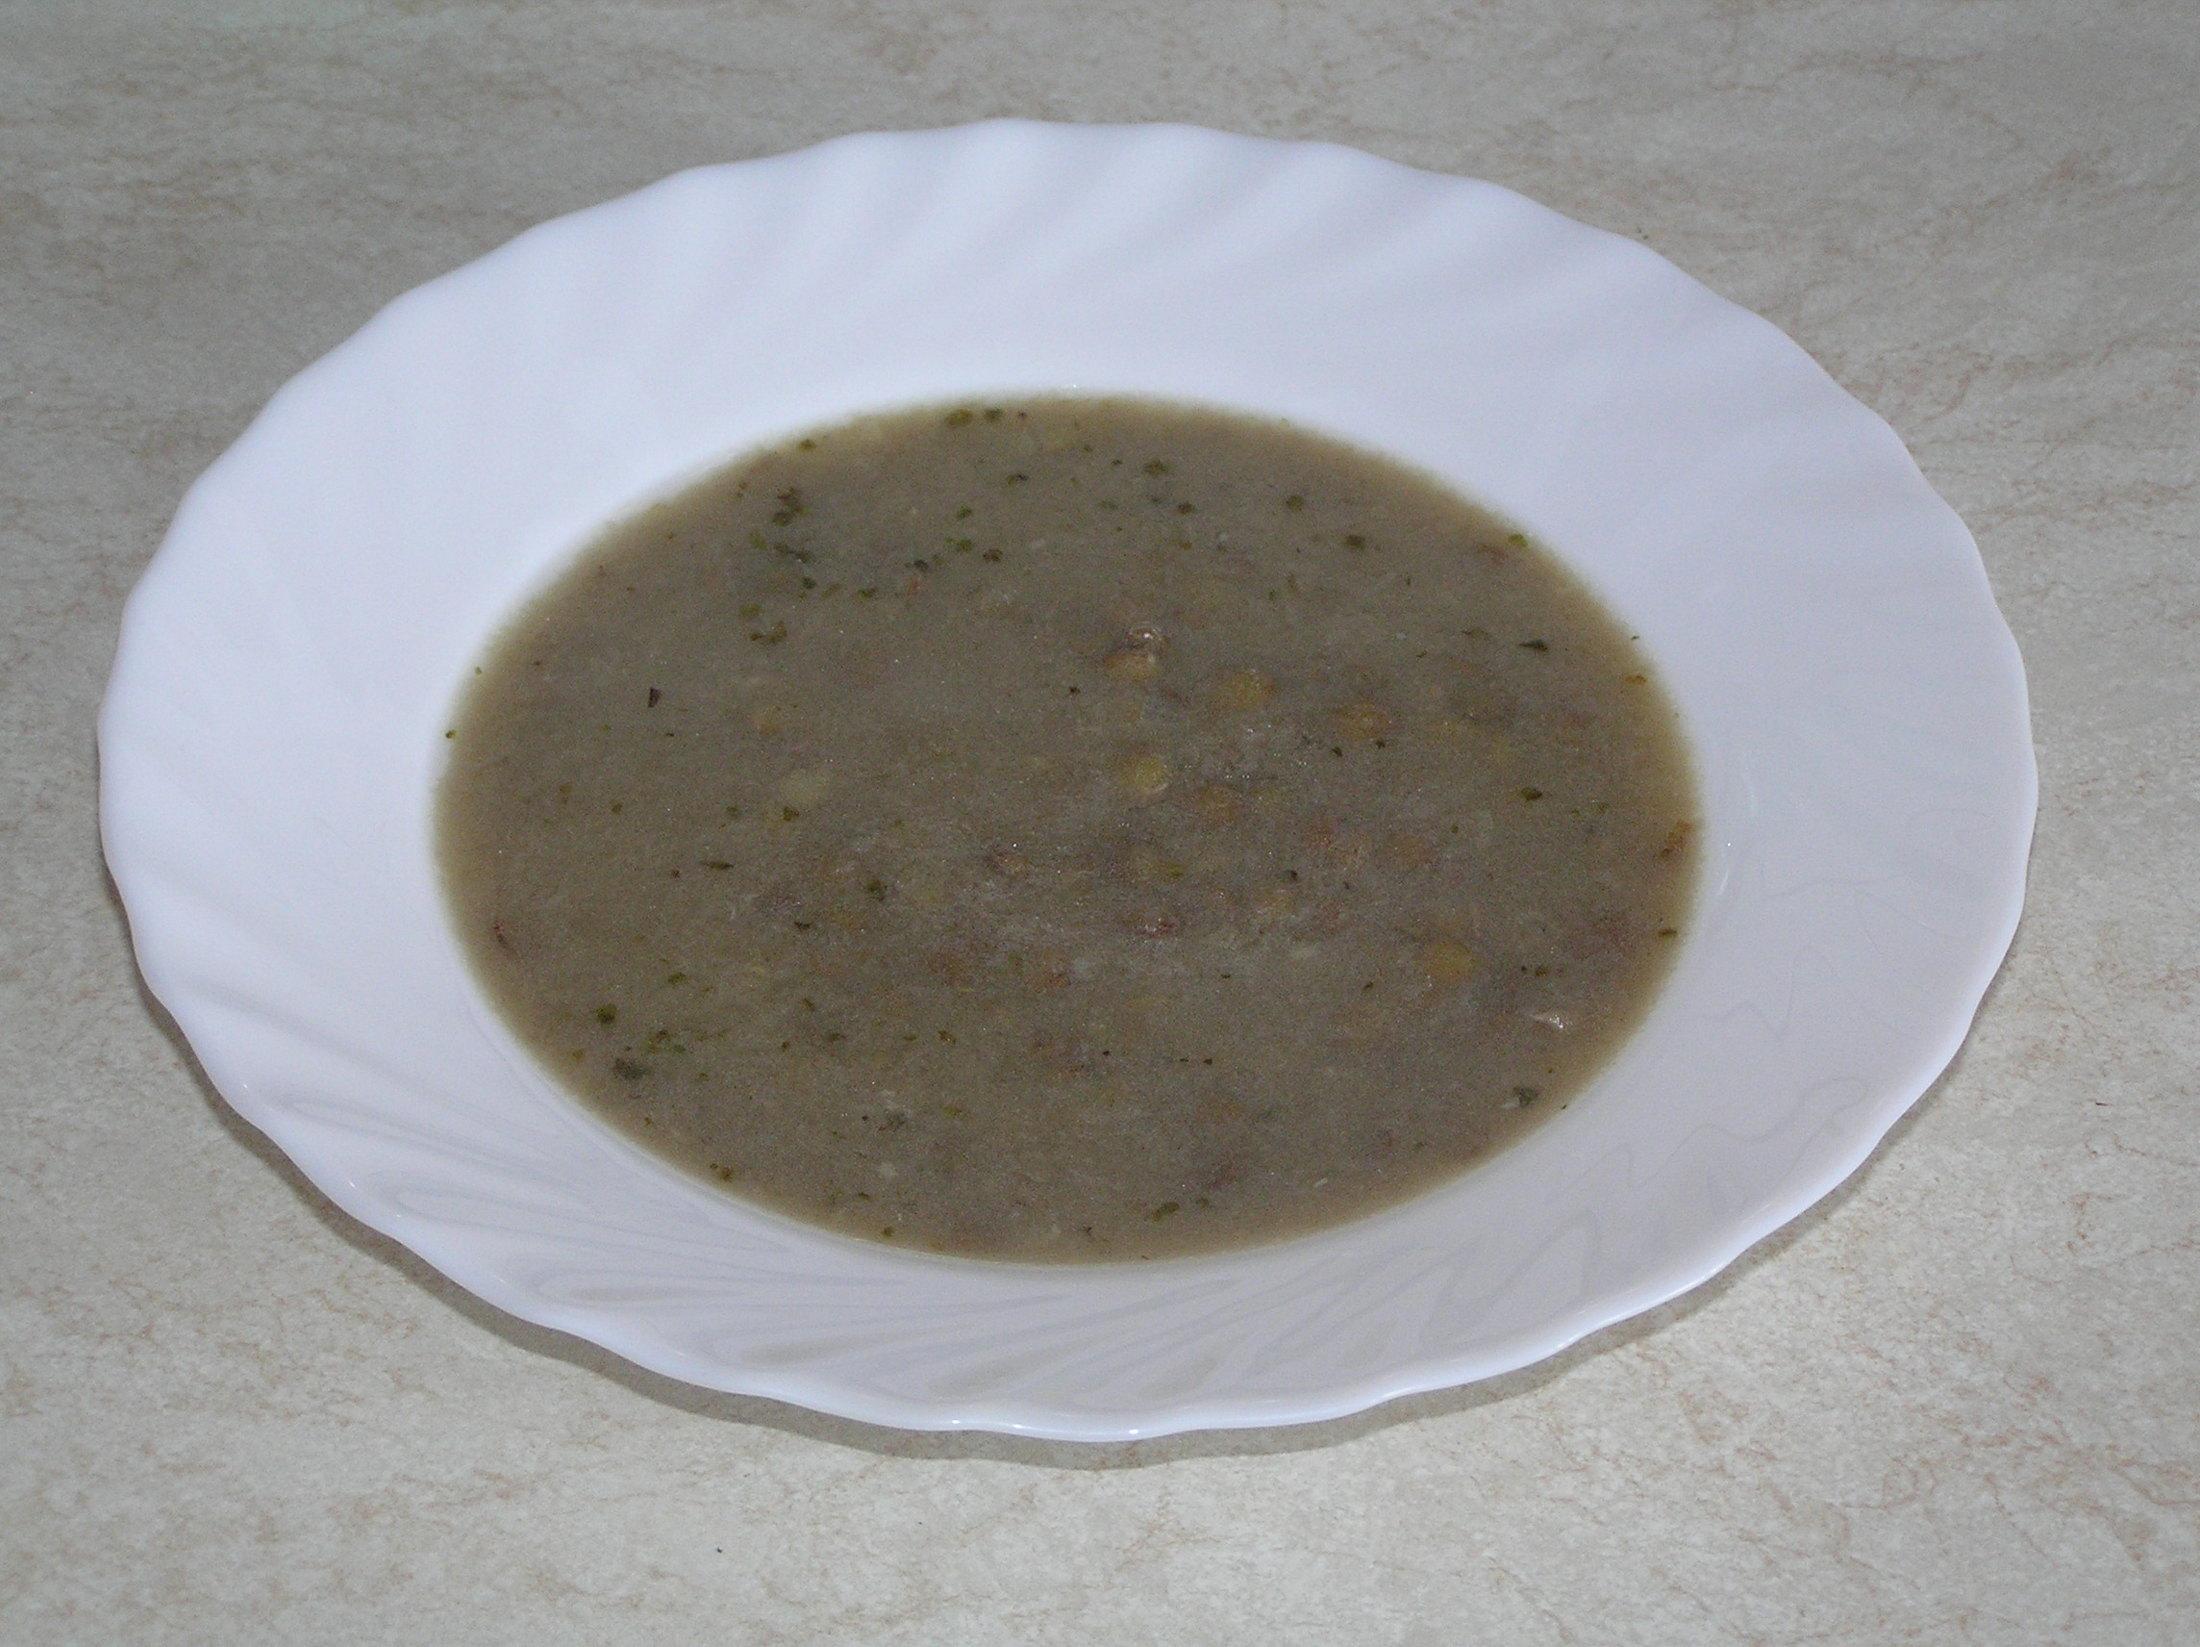 Recept Rychlá čočková polévka - Tuhle rychlou čočkovku miluje celá rodina.